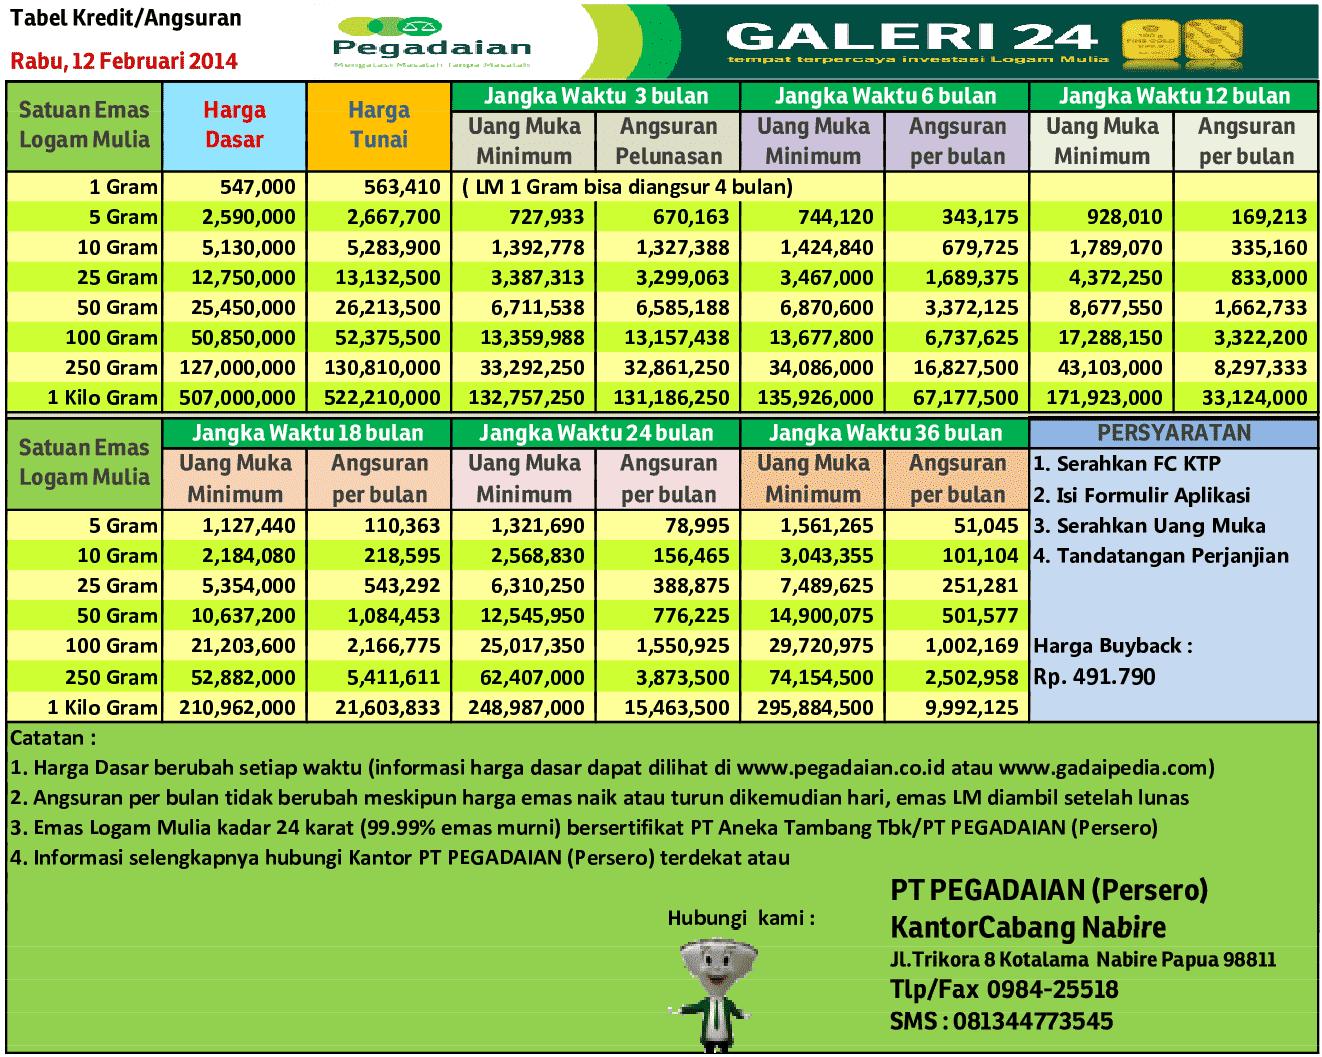 harga emas dan tabel kredit emas pegadaian 12 februari 2014